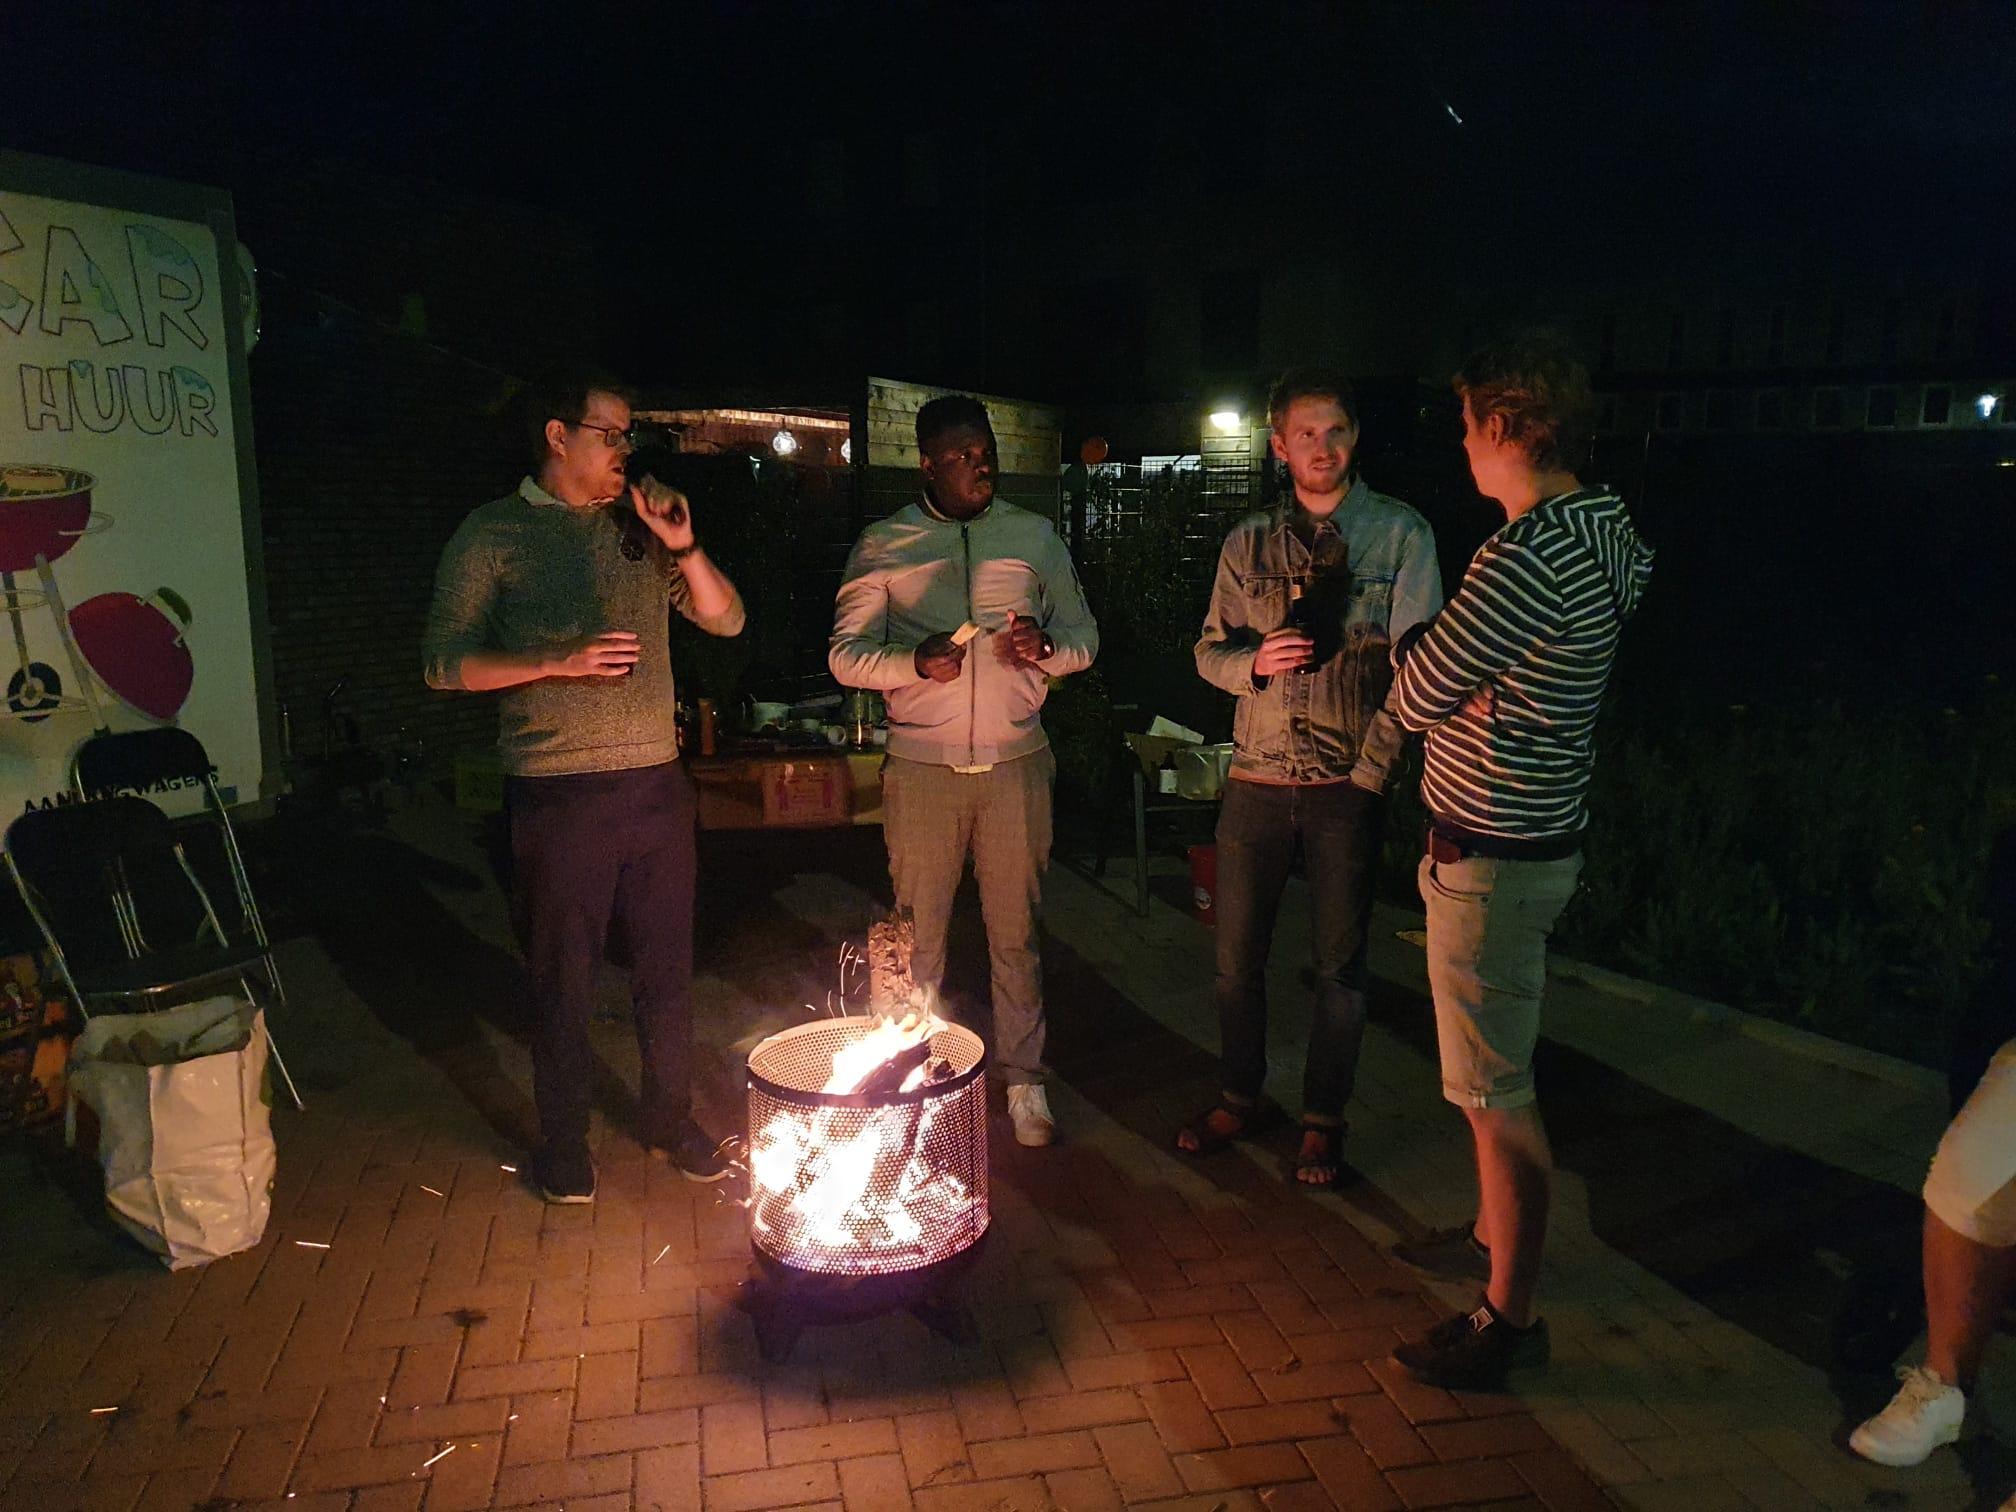 Mensen staan rond een vuurkorf in het donker